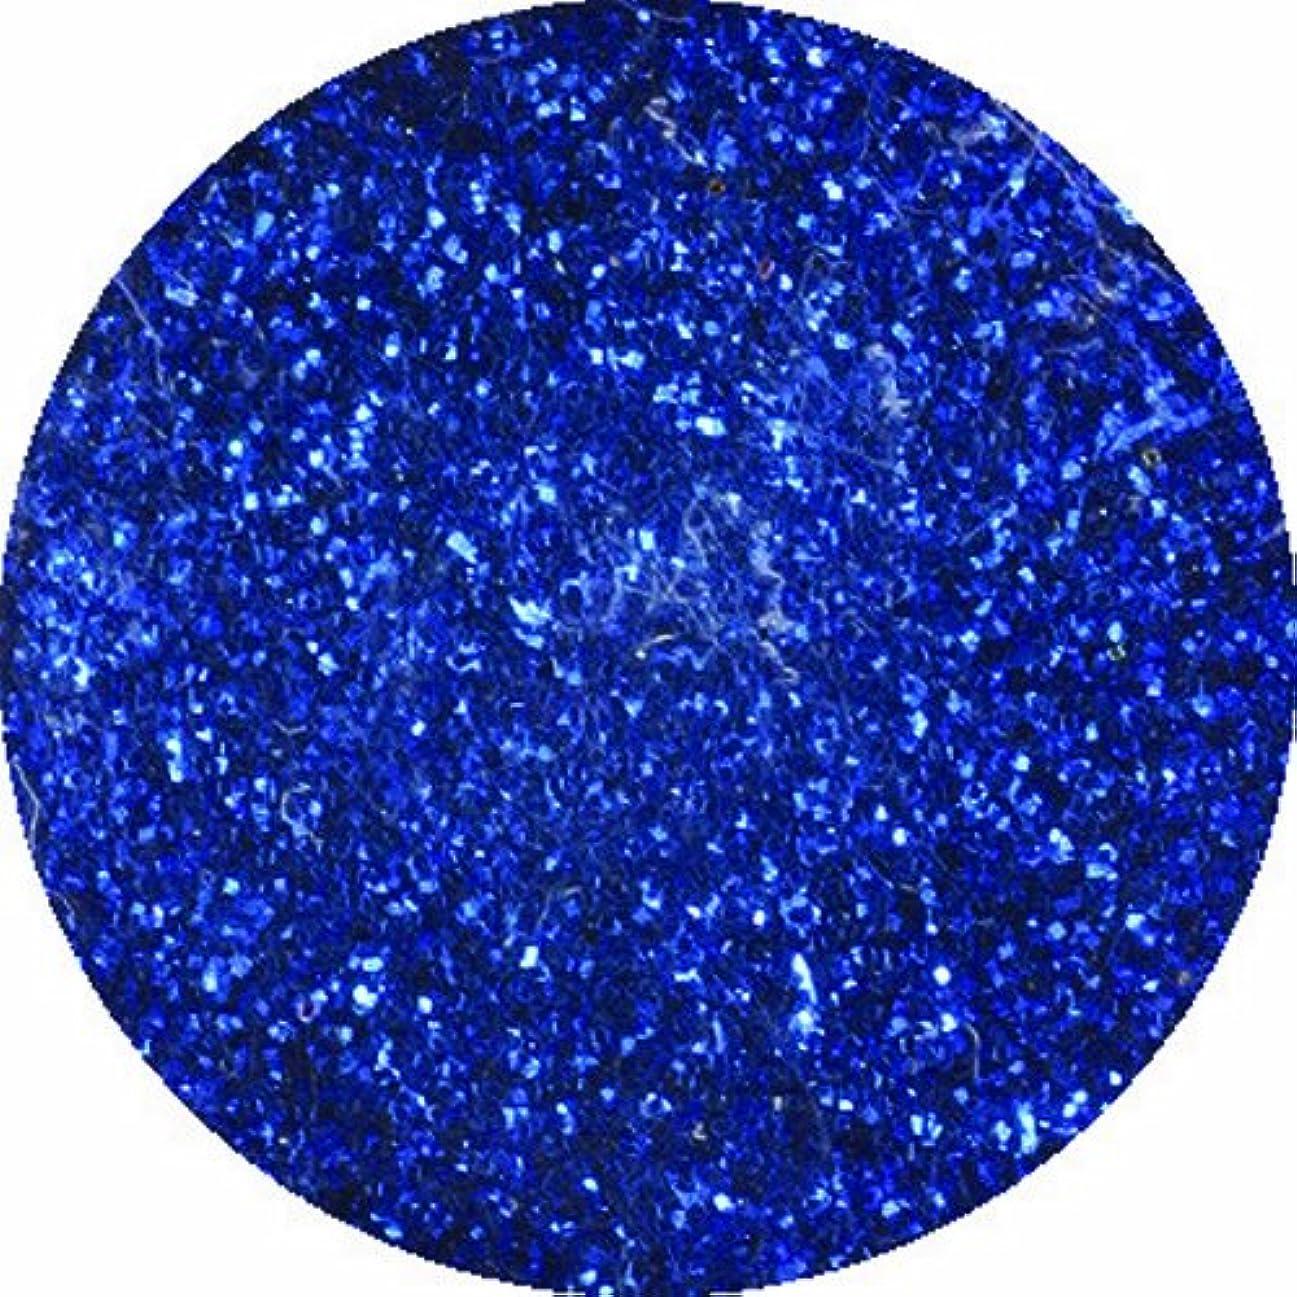 ブルゴーニュ海峡ひもモジュールビューティーネイラー ネイル用パウダー 黒崎えり子 ジュエリーコレクション ブルー0.05mm